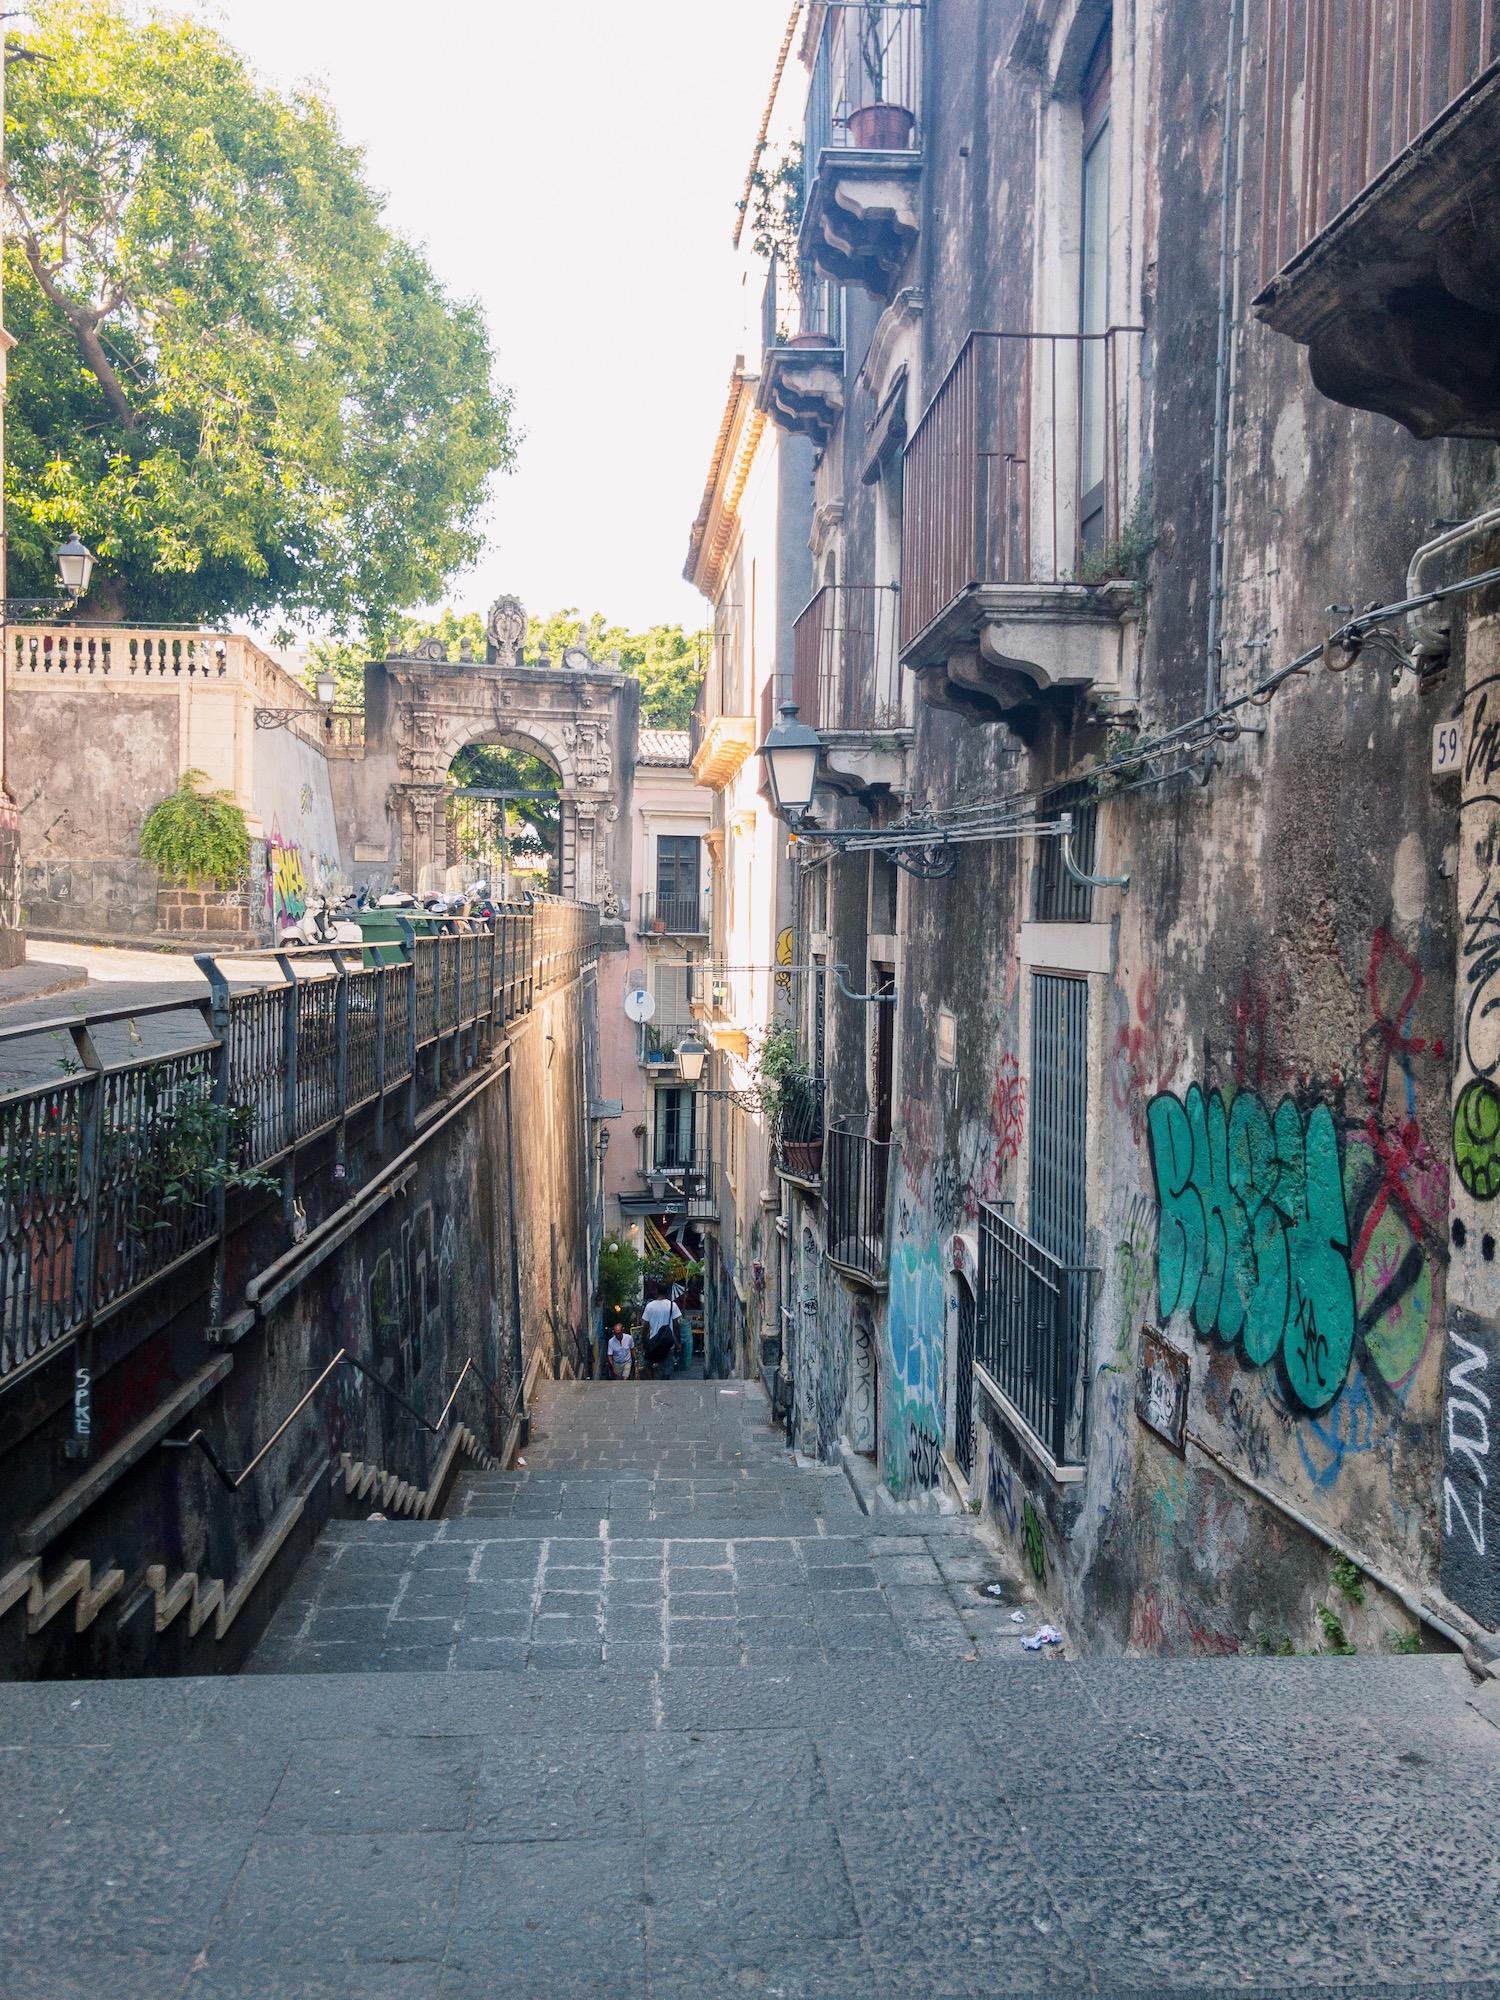 Catania Sicily Narrow Streets.JPG